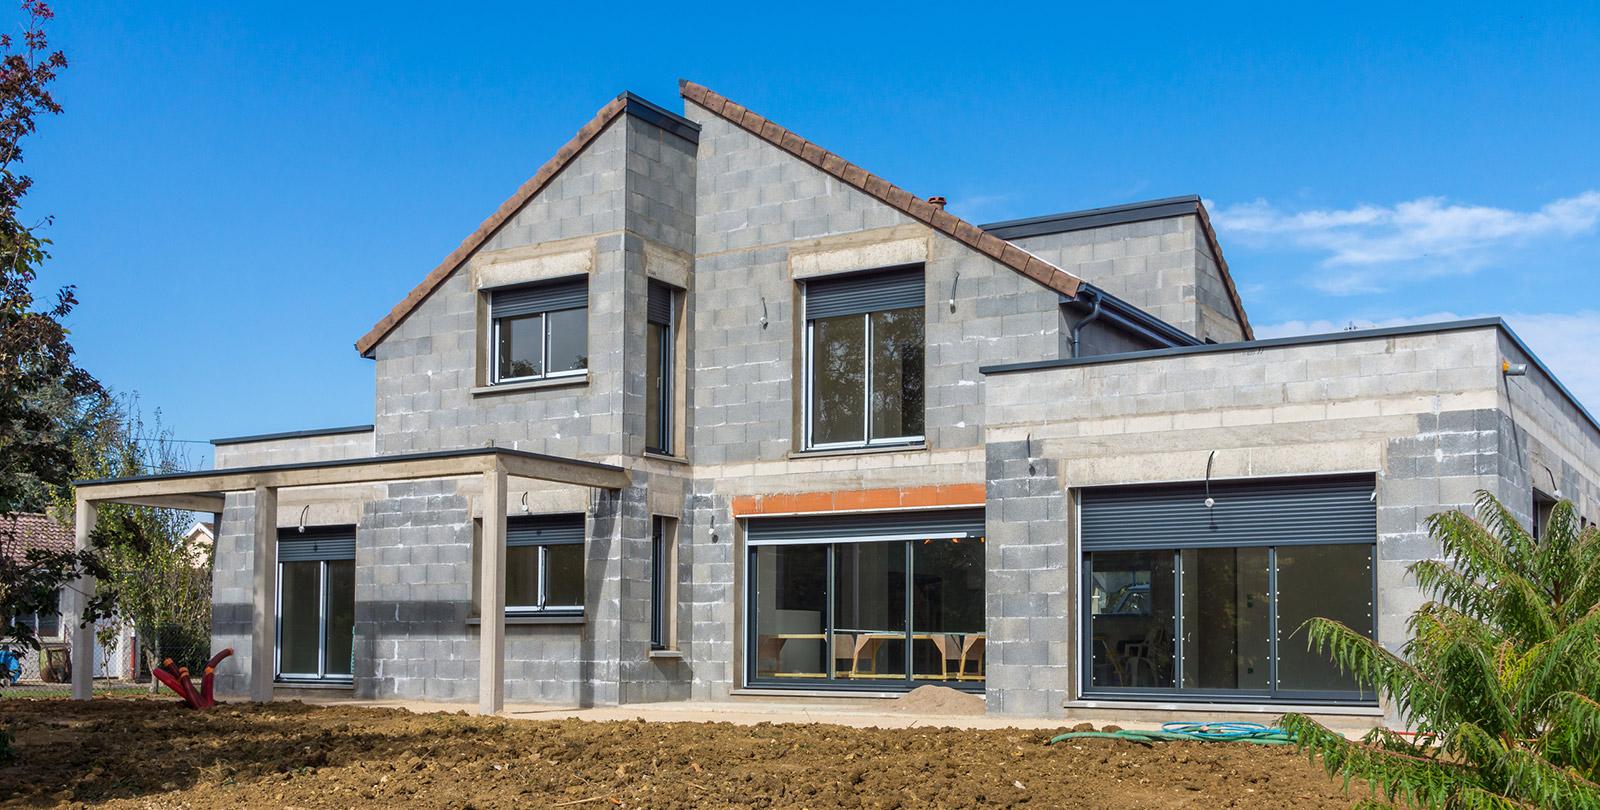 Maisons neuves rennes for Construction maisons neuves